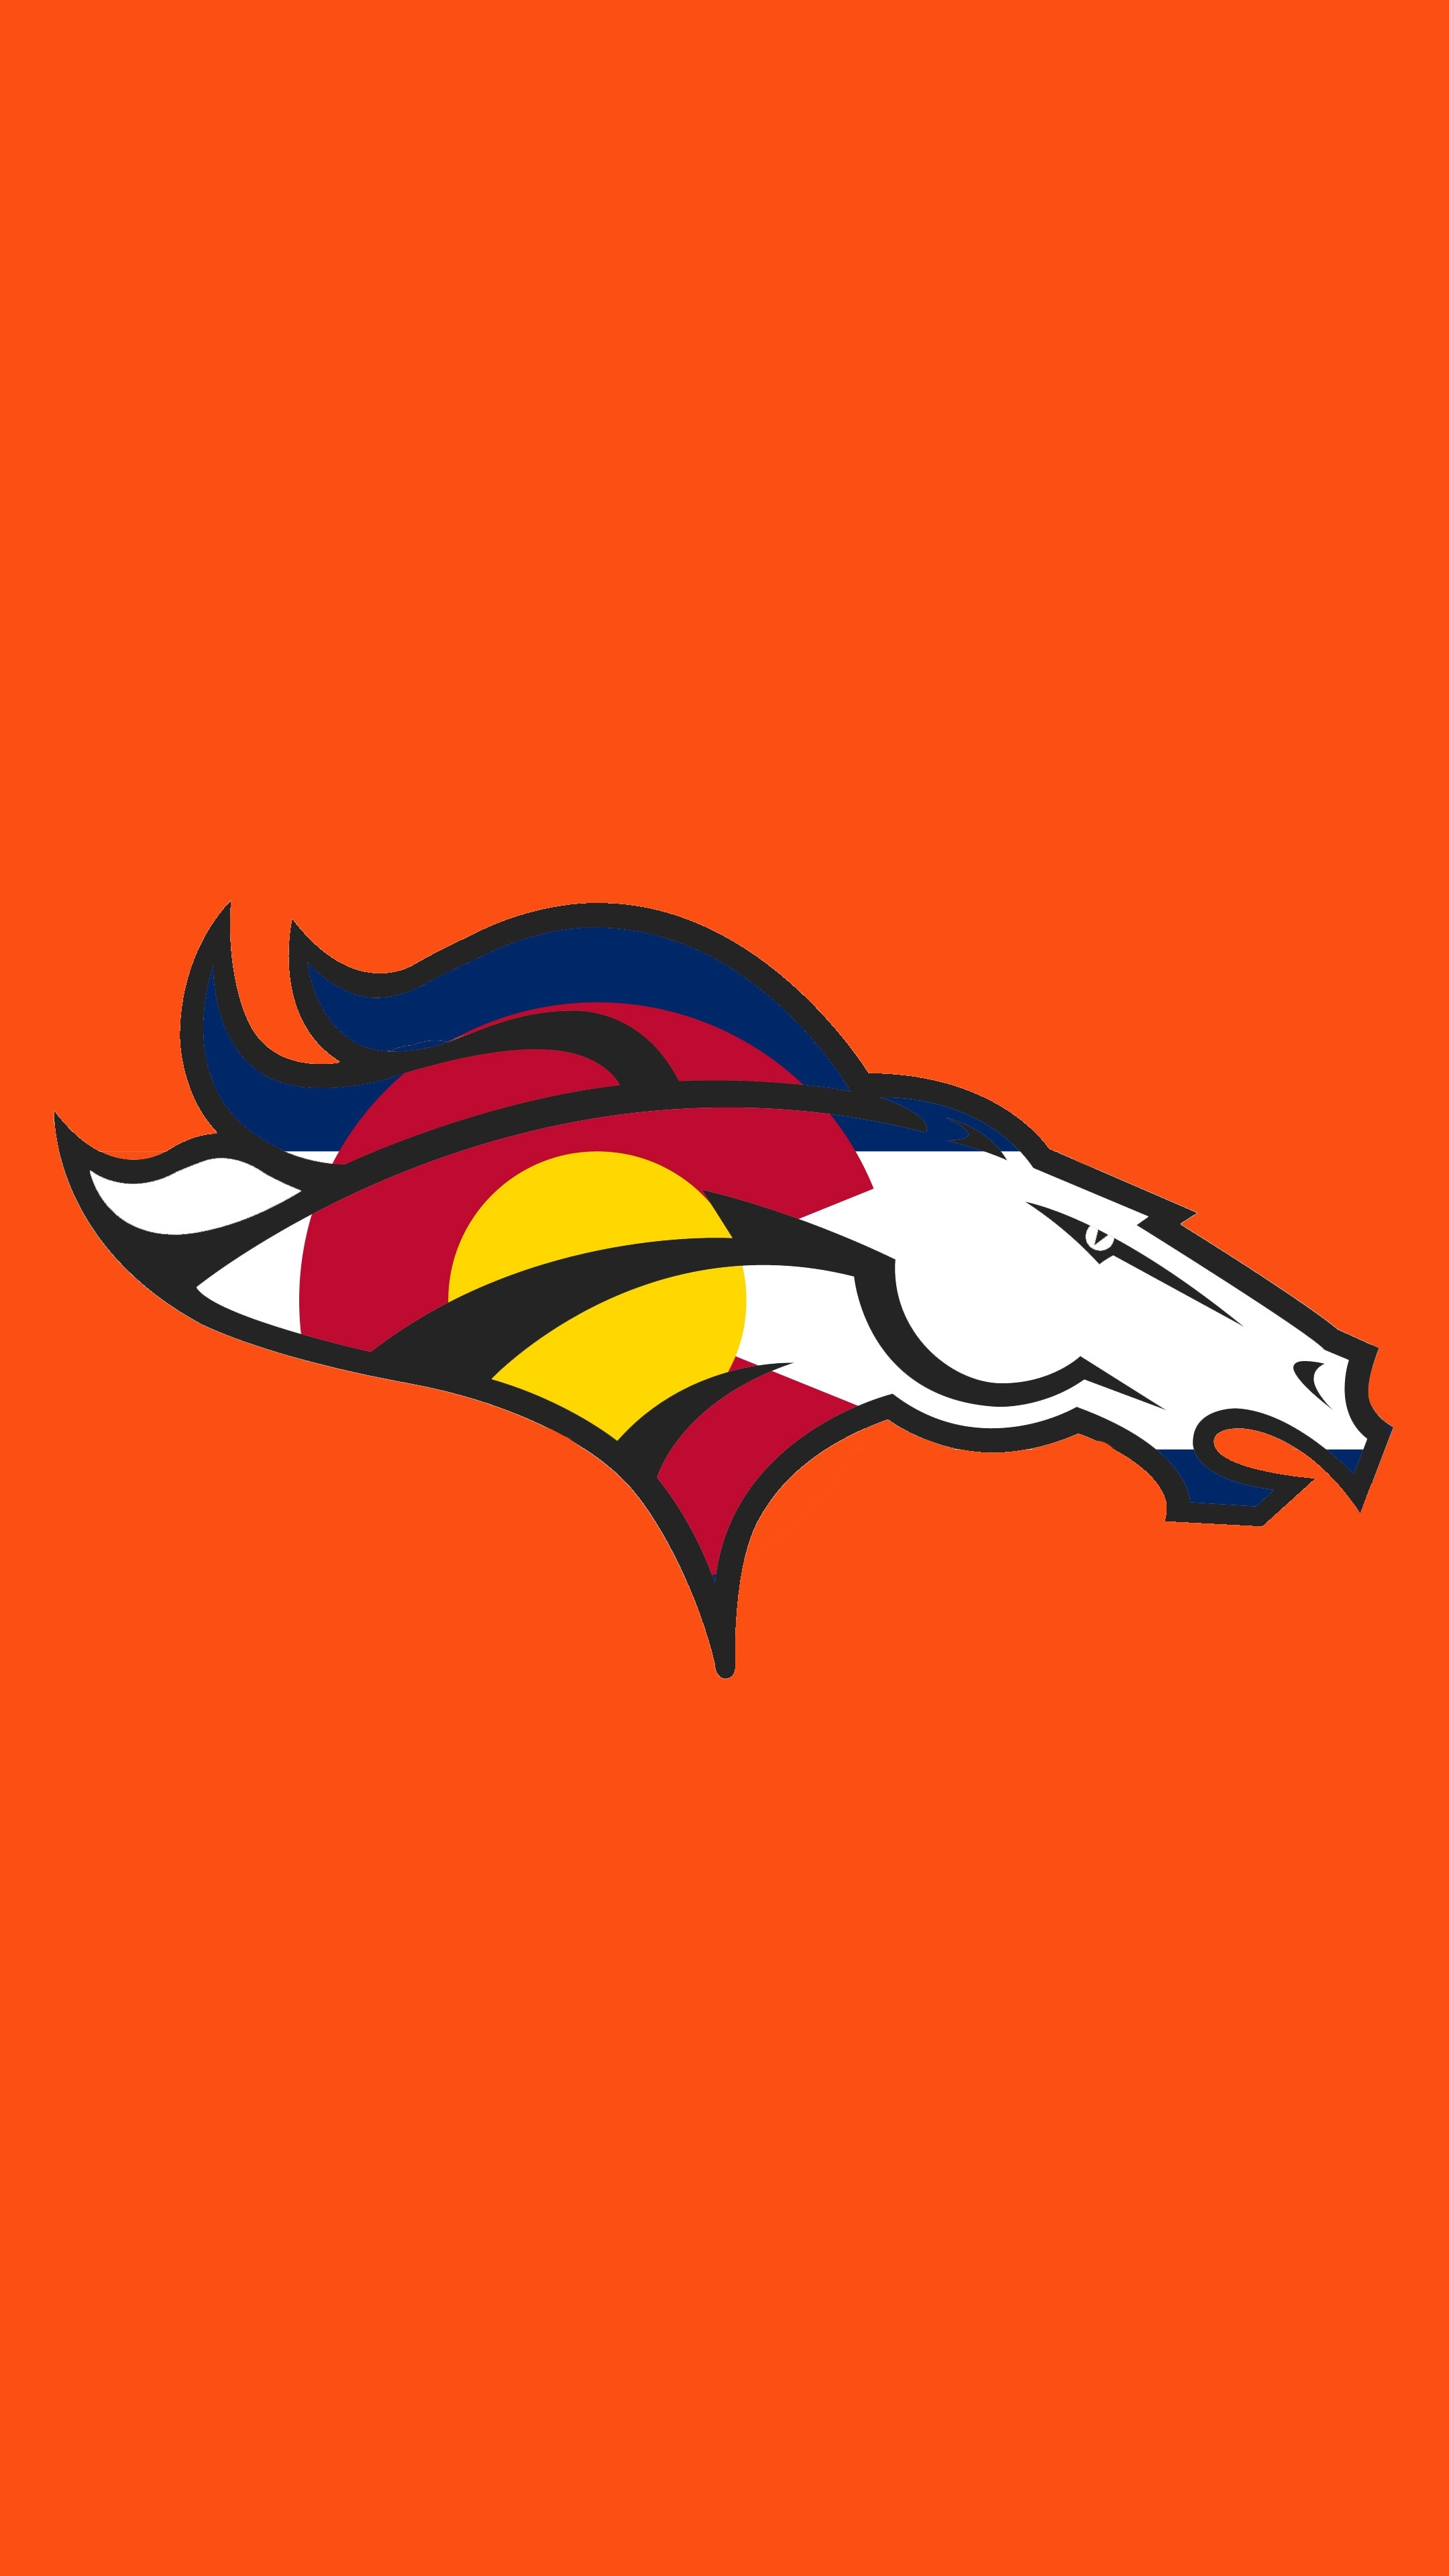 10 New Denver Broncos Mobile Wallpaper FULL HD 1080p For ...